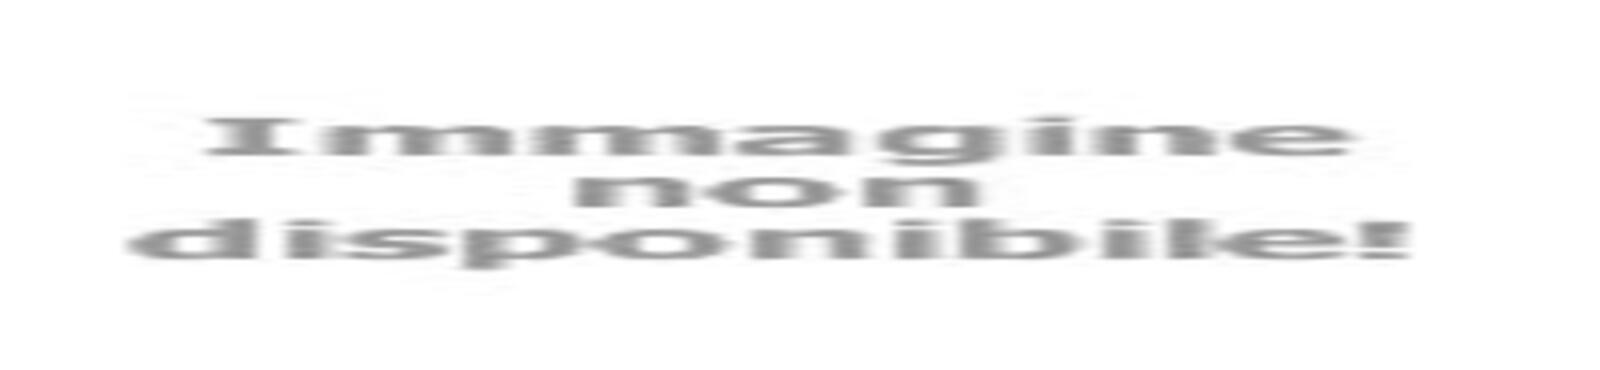 petronianaviaggi it firenze-la-galleria-degli-uffizi-v8 002